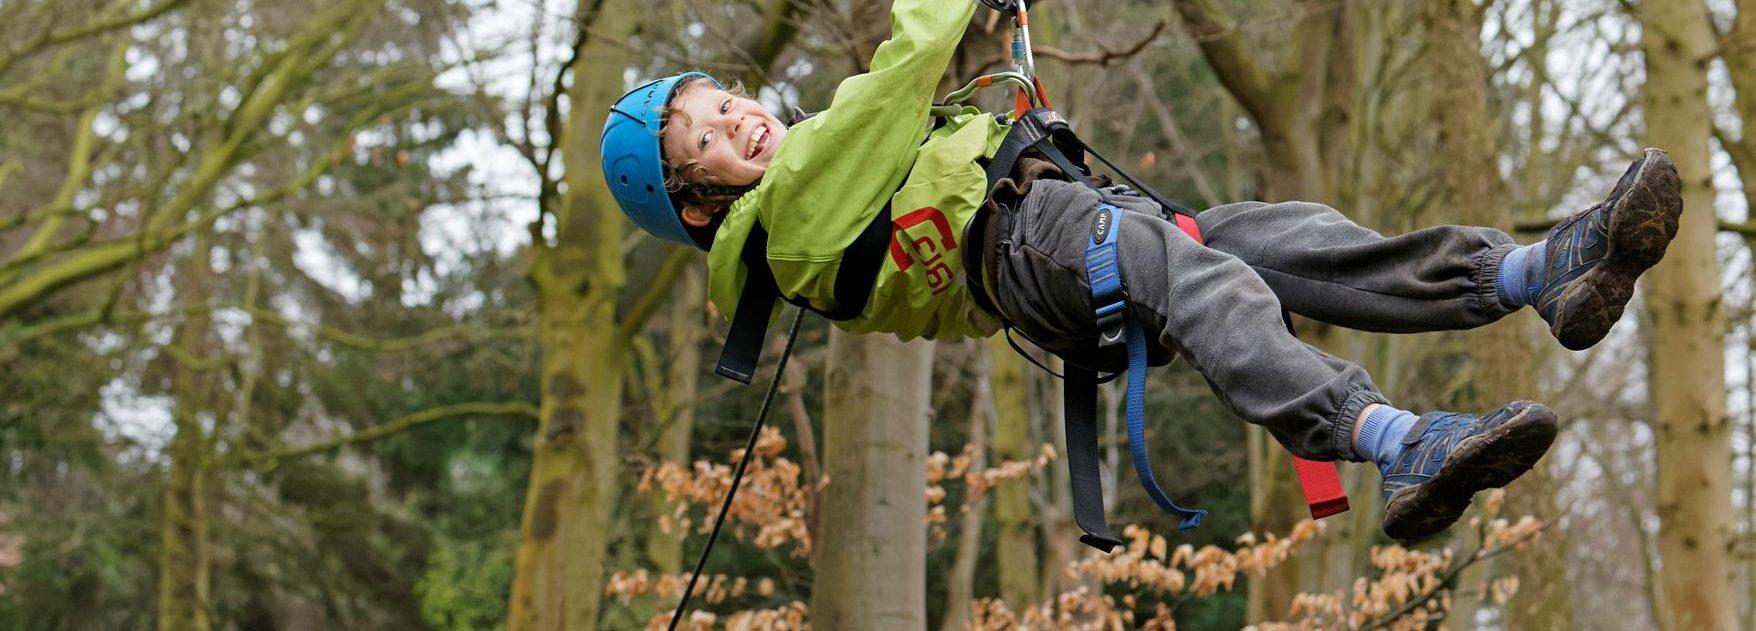 Child on a zip wire